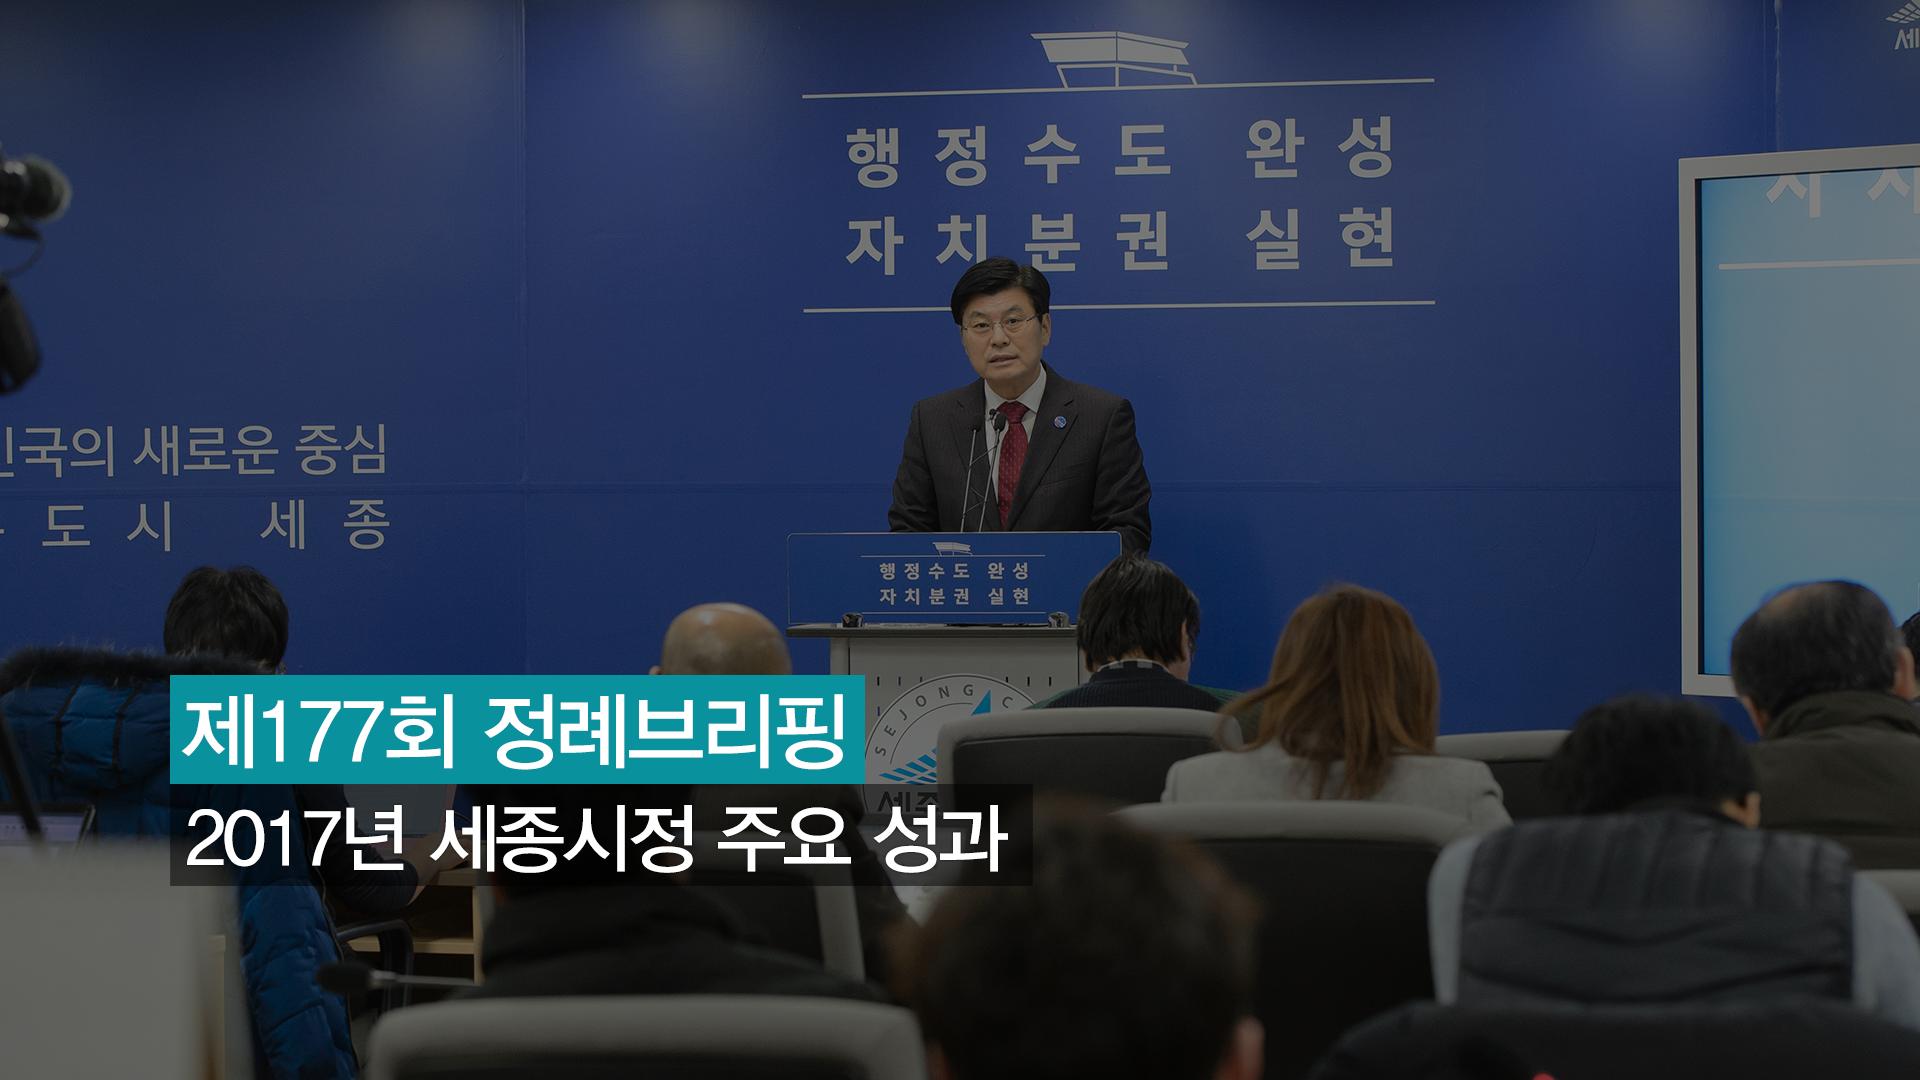 <177번째 정례브리핑> 행정수도 개헌 다양한 노력 기울여